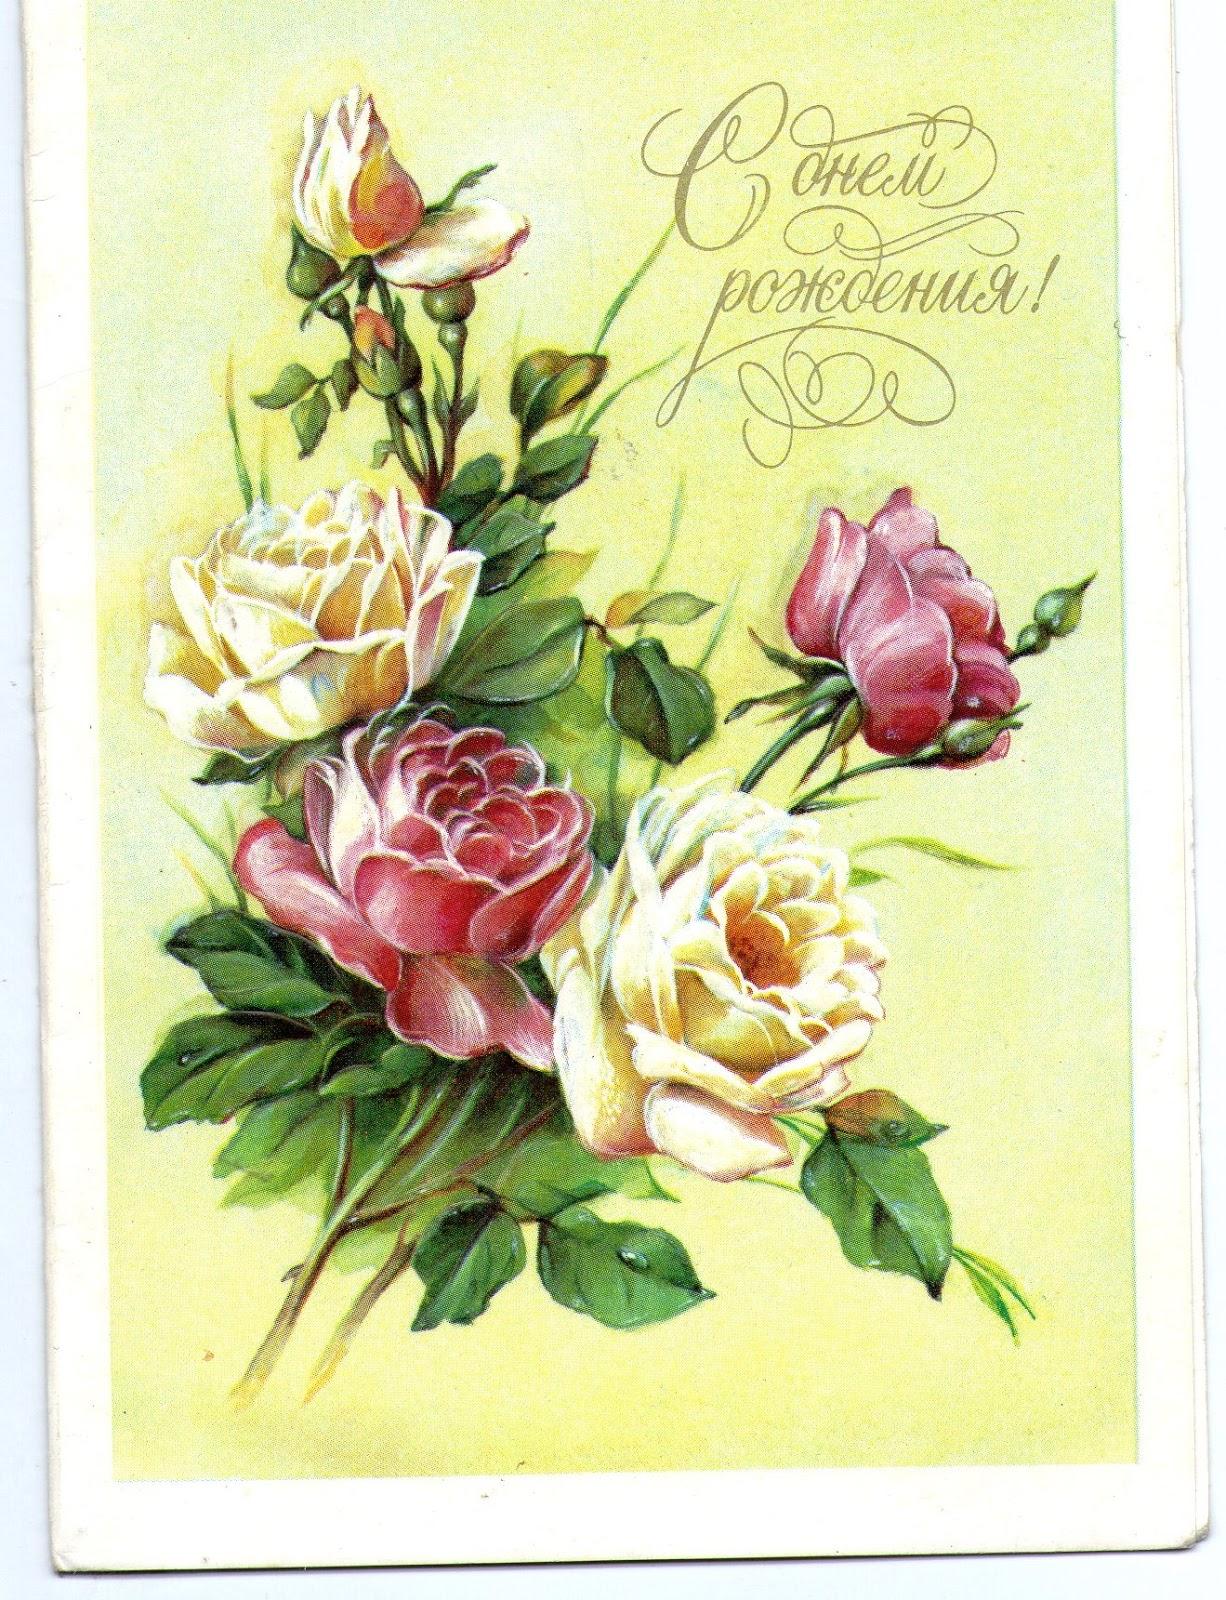 с днем рождения открытка старая: